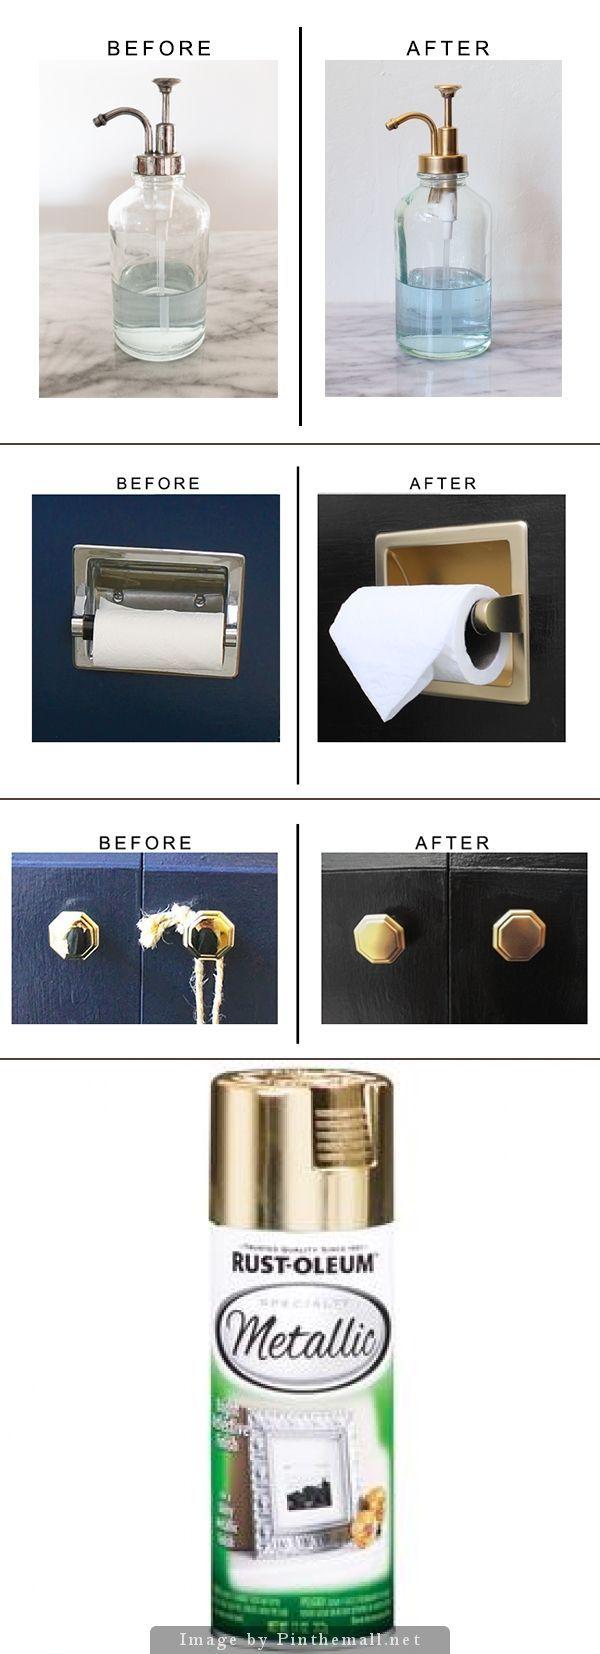 14732 best bathroom ideas images on pinterest | bathroom ideas